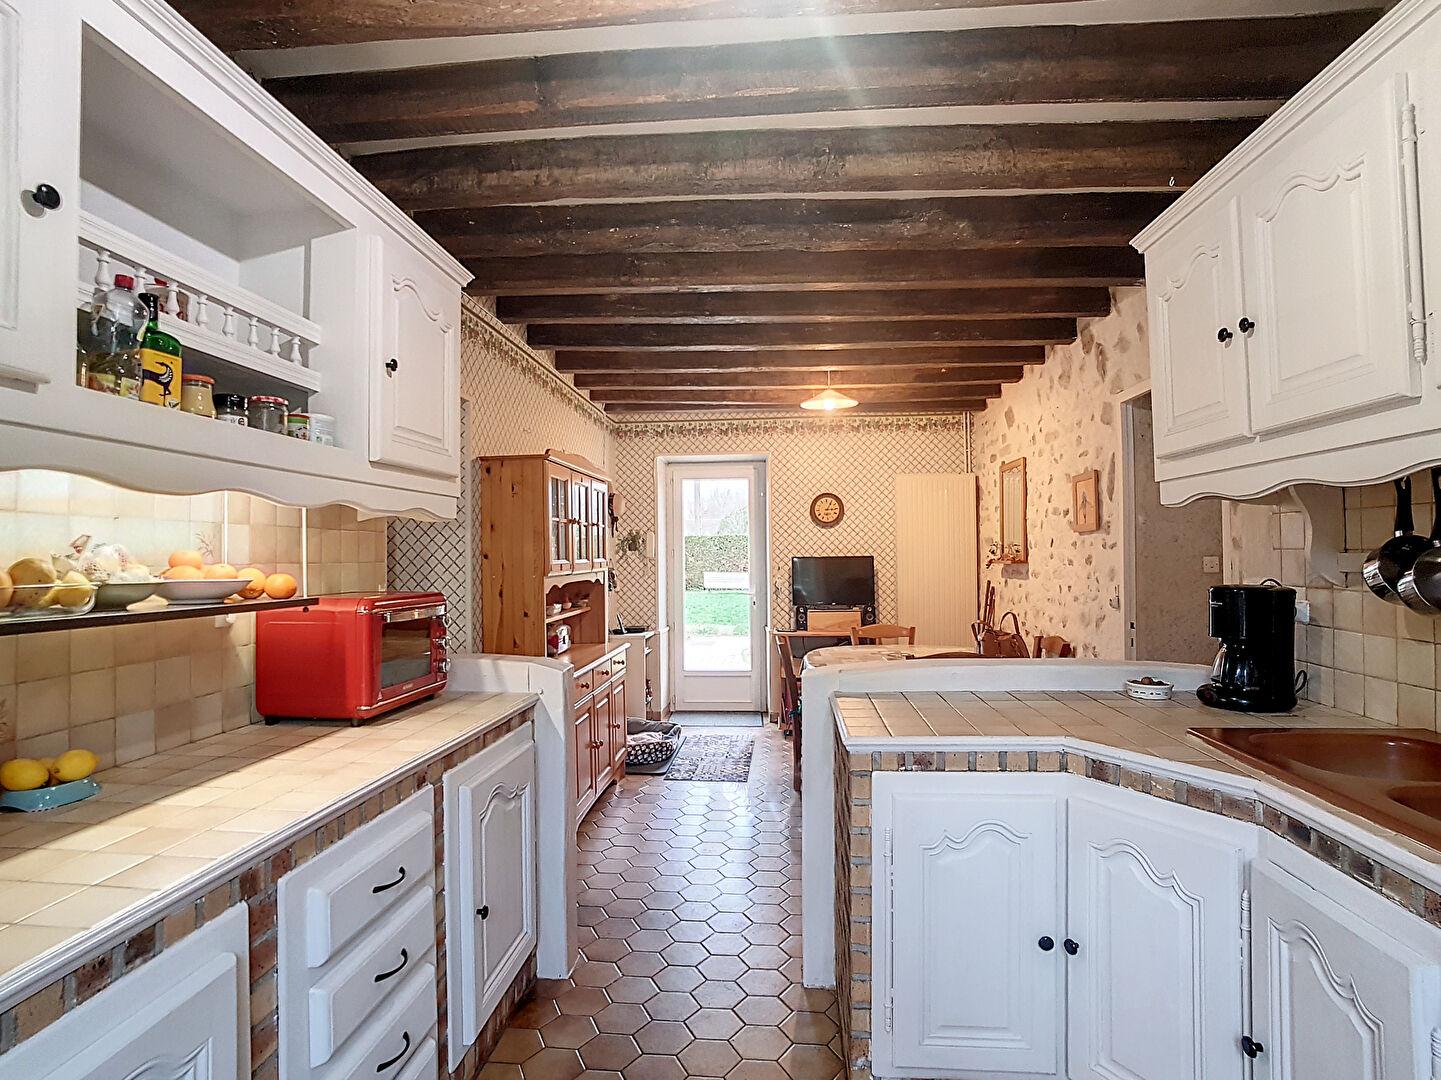 Maison à vendre - Agréable maison 4 chambres - terrain  4653 m² avec piscine couverte.